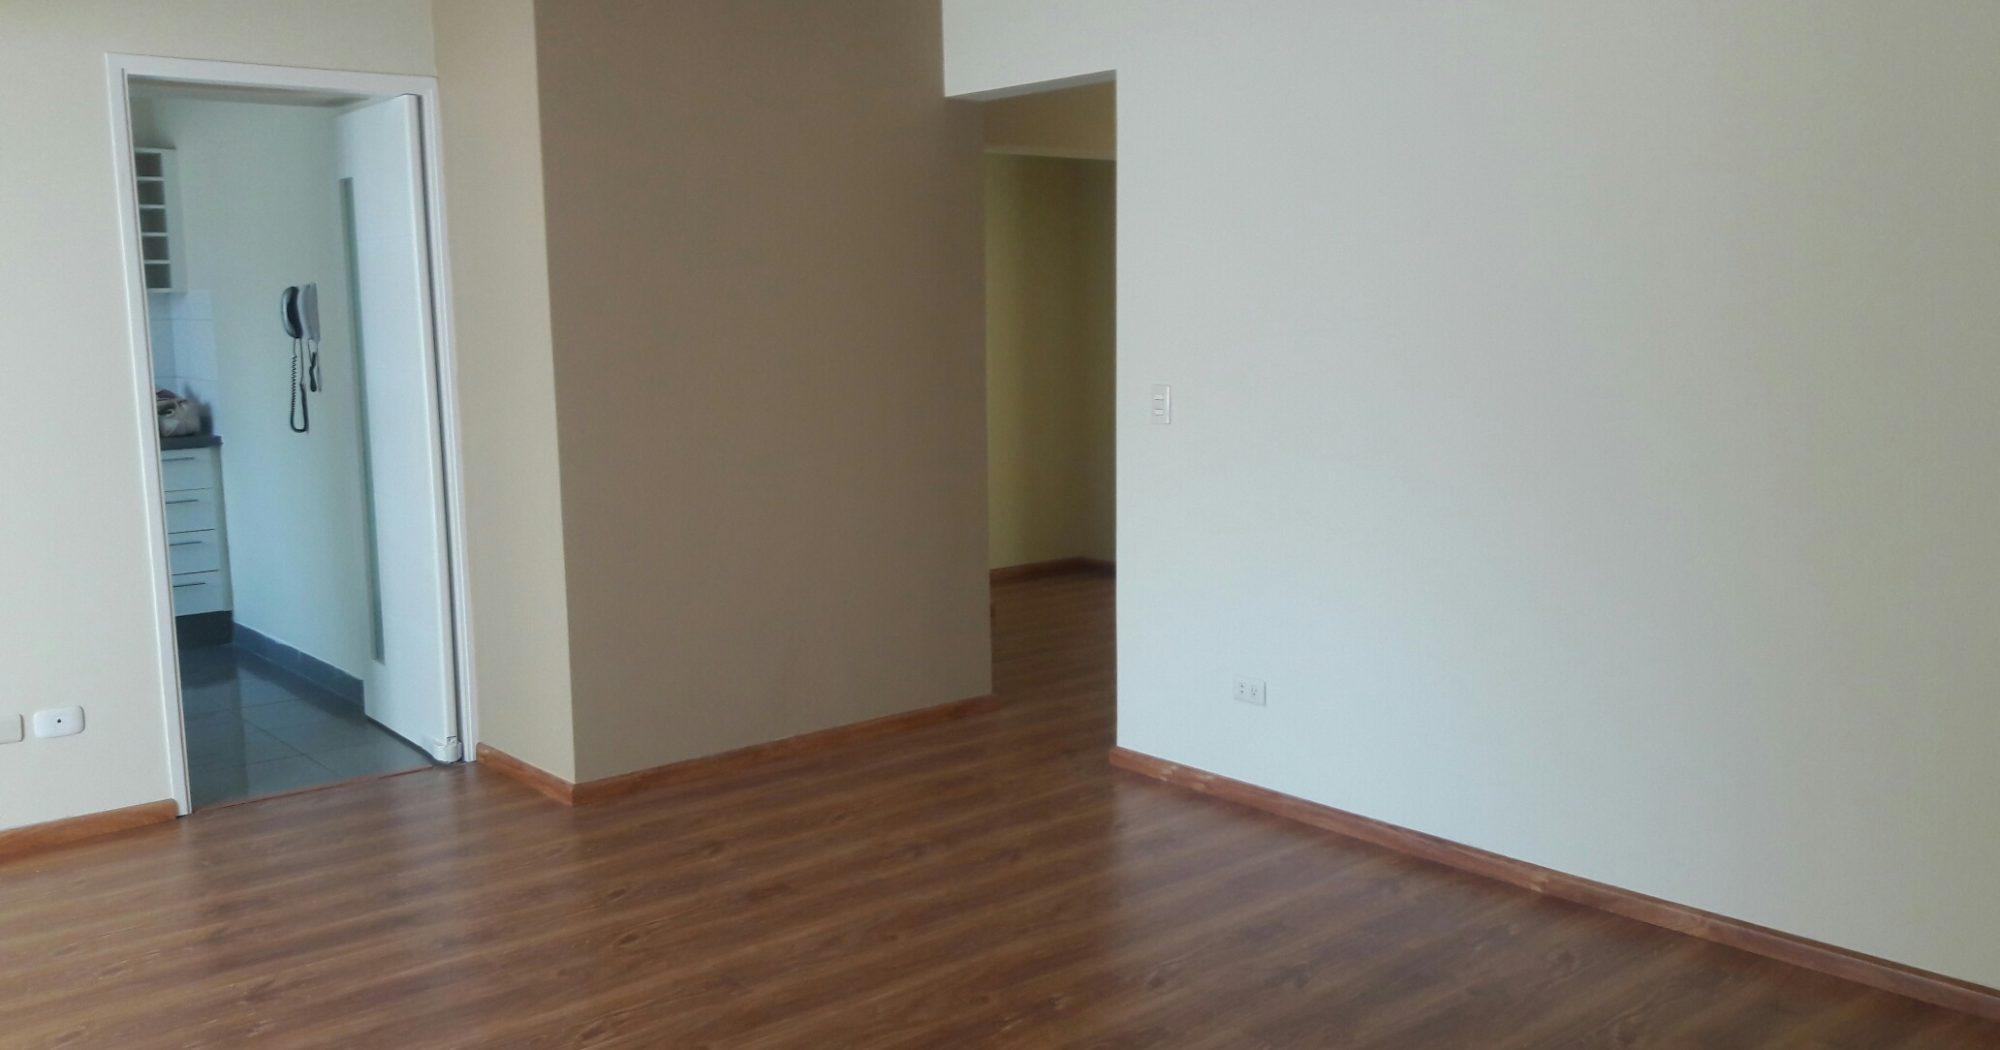 Lindo departamento de 110 m2 en miraflores sin muebles en alquiler – MIJ10